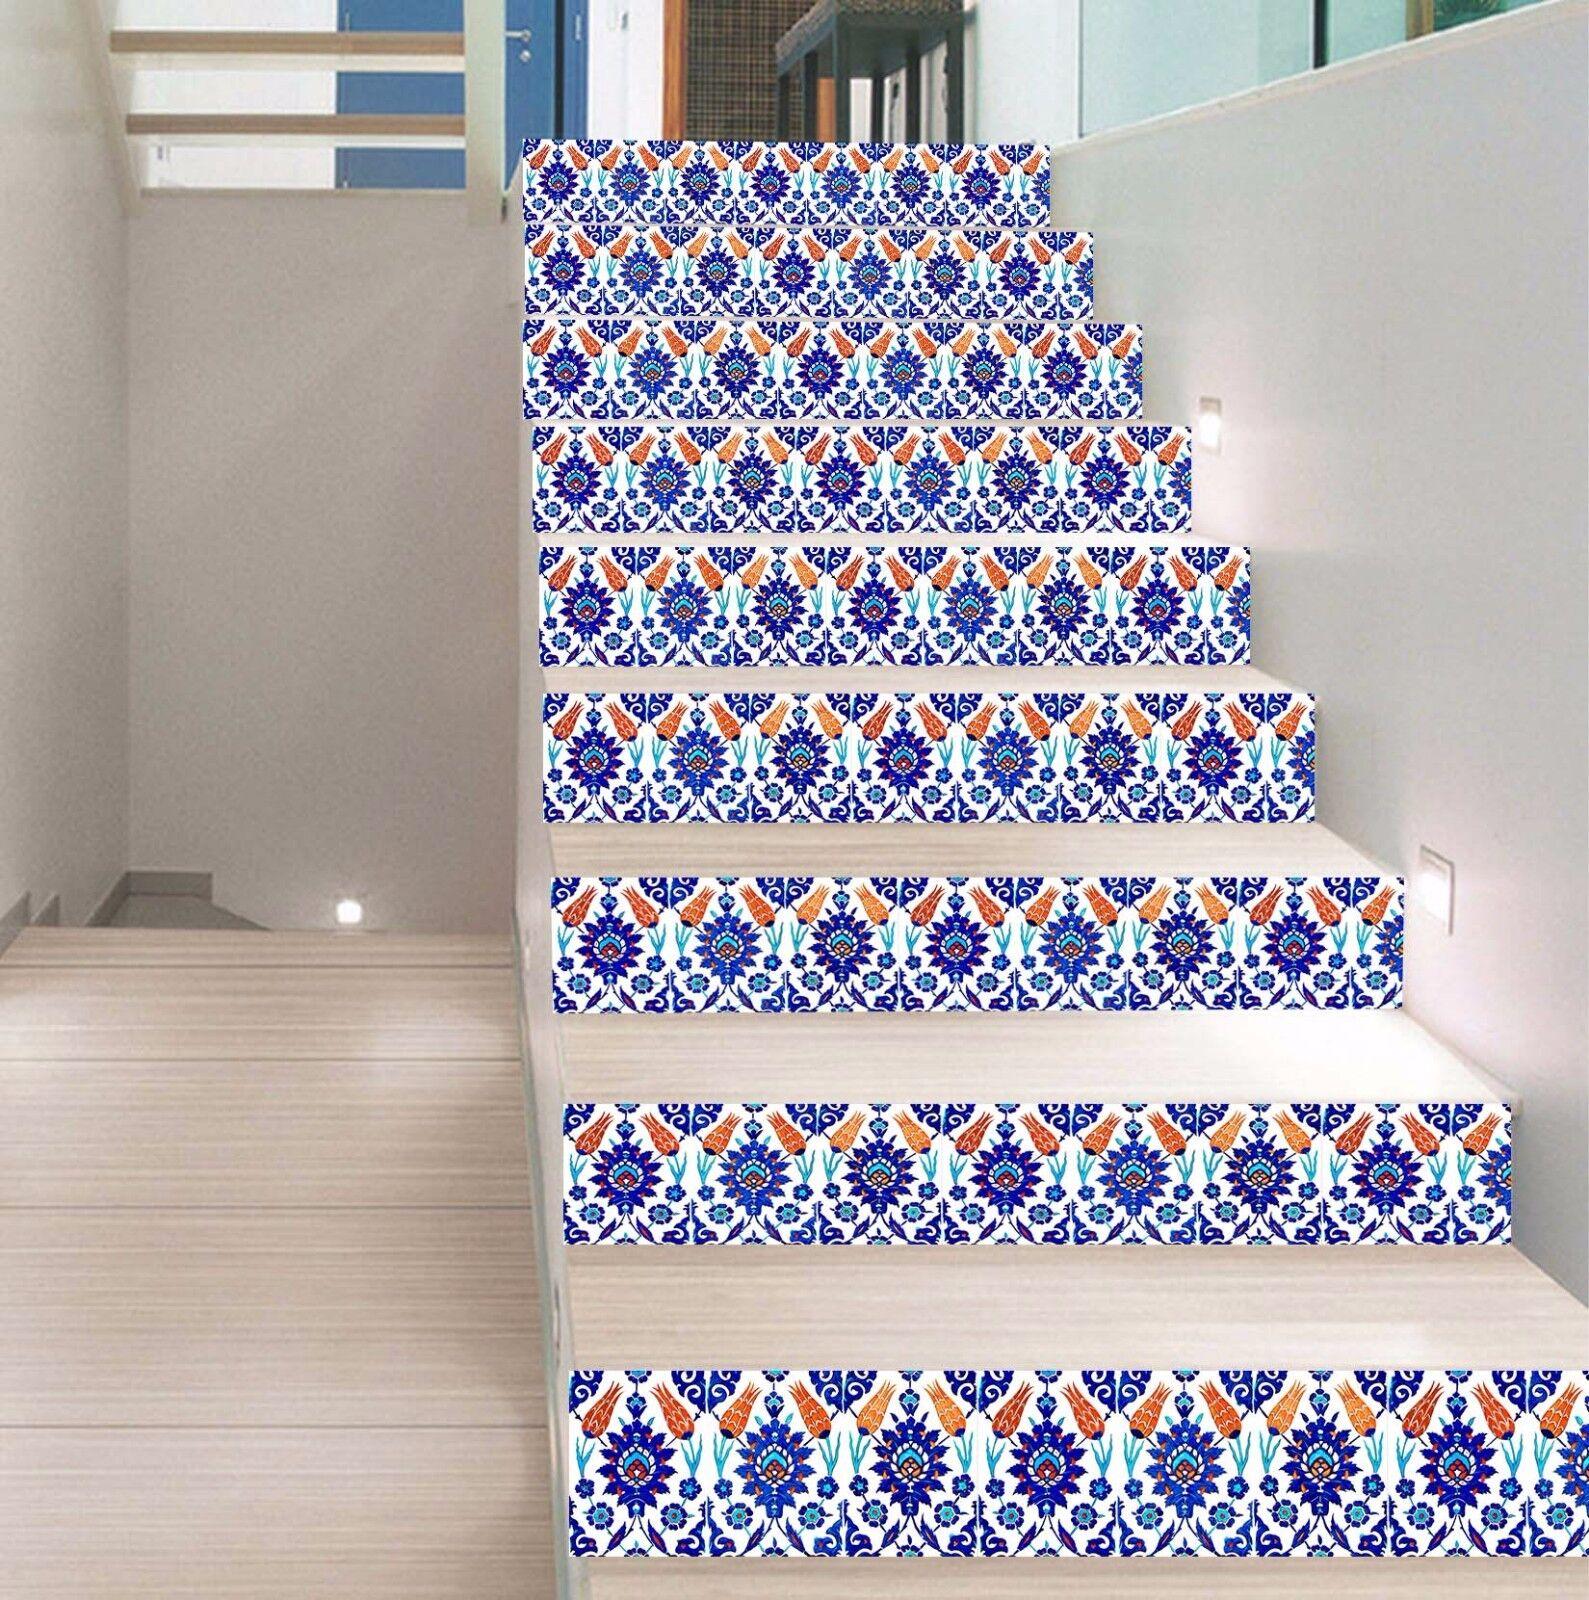 3D Texture 64 Stair Risers Decoration Photo Mural Vinyl Decal WandPapier AU Lemon